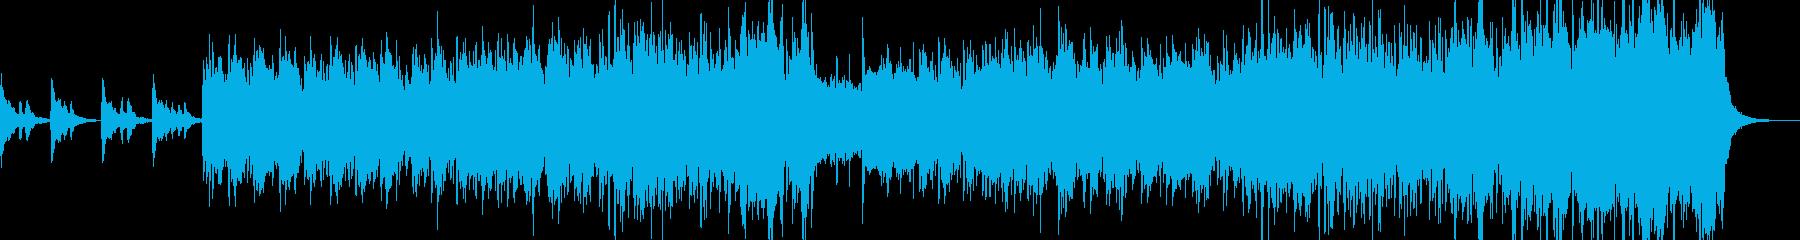 素朴な中華風BGMの再生済みの波形